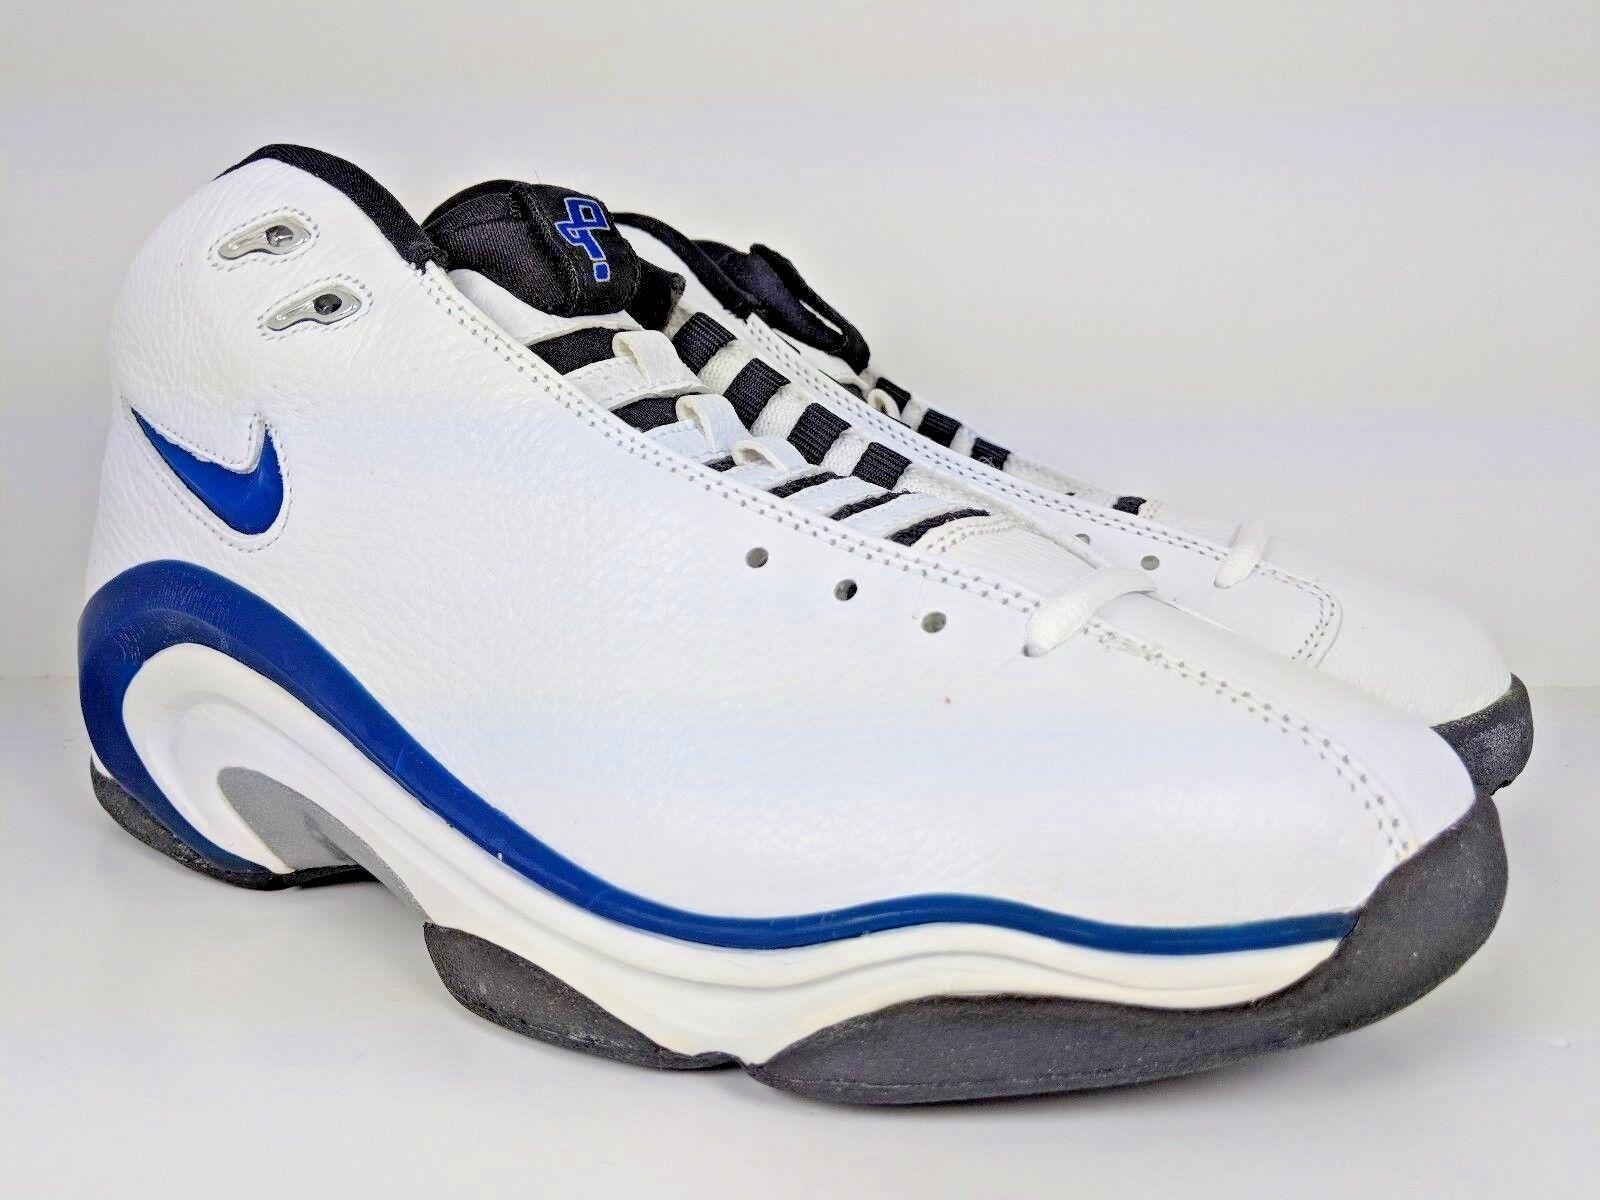 Nike Air Pippen II 2 1998 OG White Varsity Royal-Black (830055-142) sz 10.5